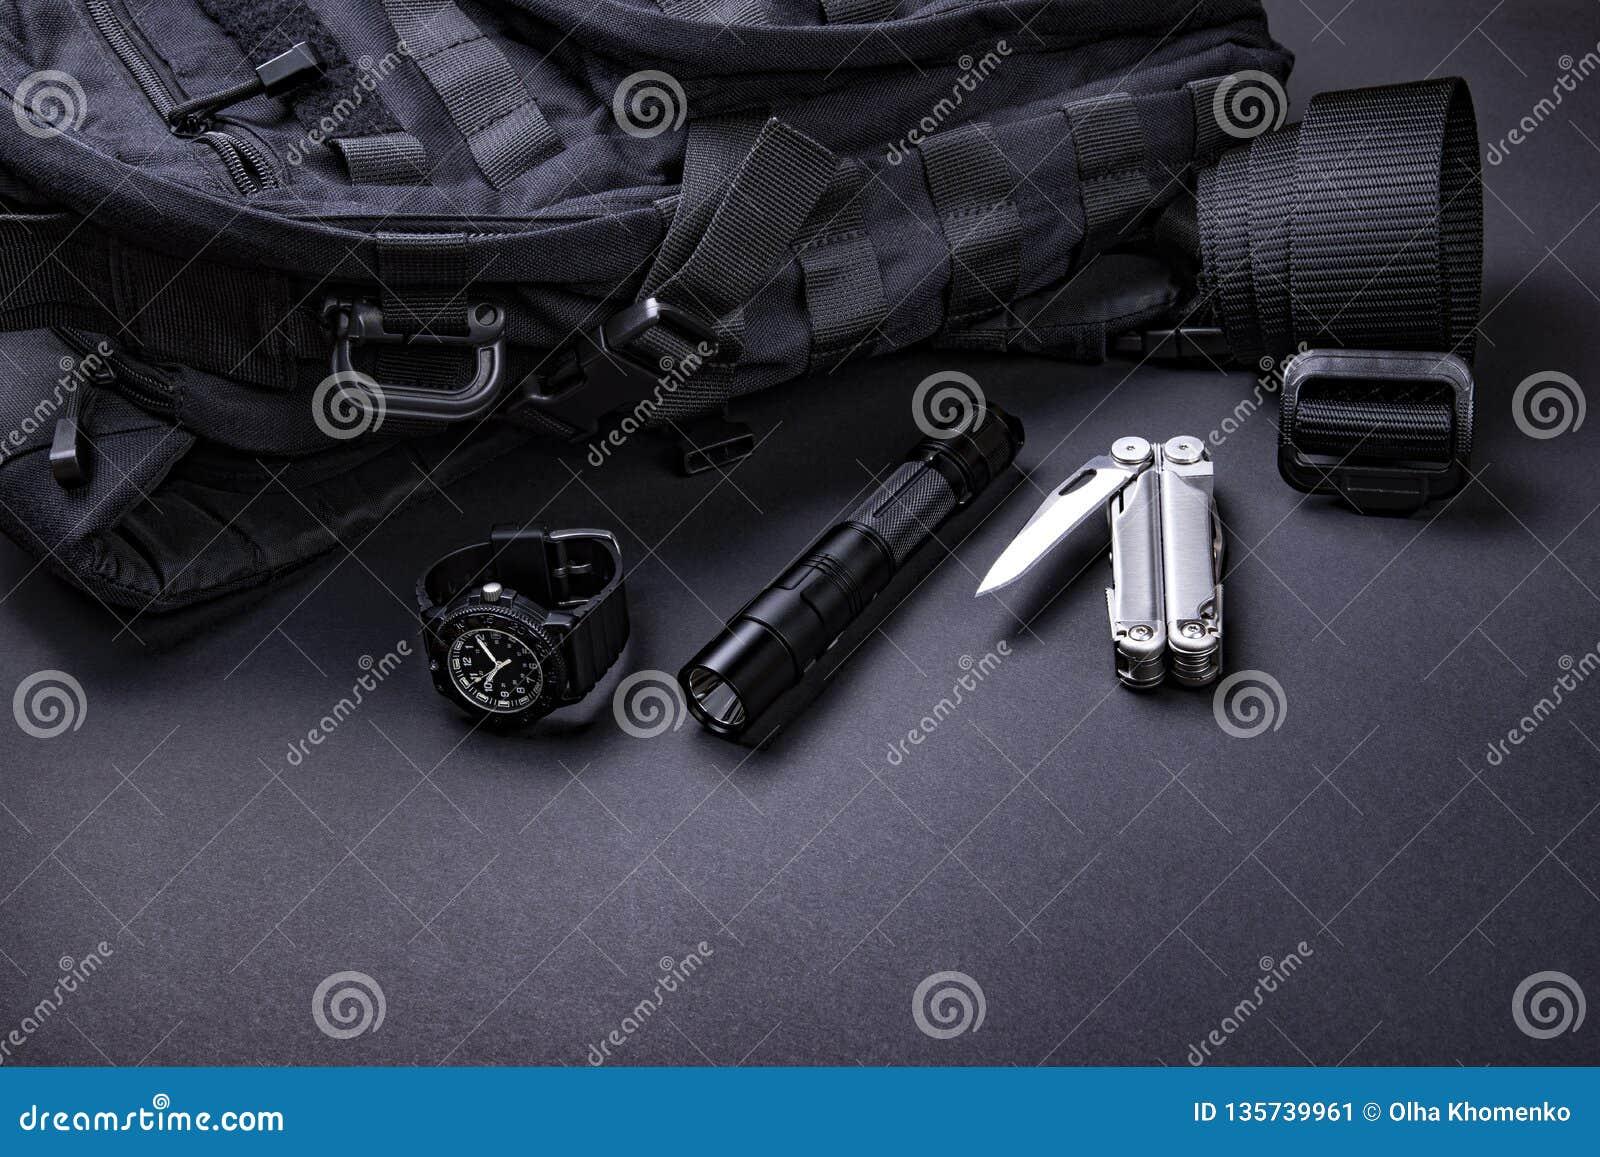 Quotidien portez les articles d EDC pour les hommes dans la couleur noire - sac à dos, ceinture tactique, lampe-torche, montre et